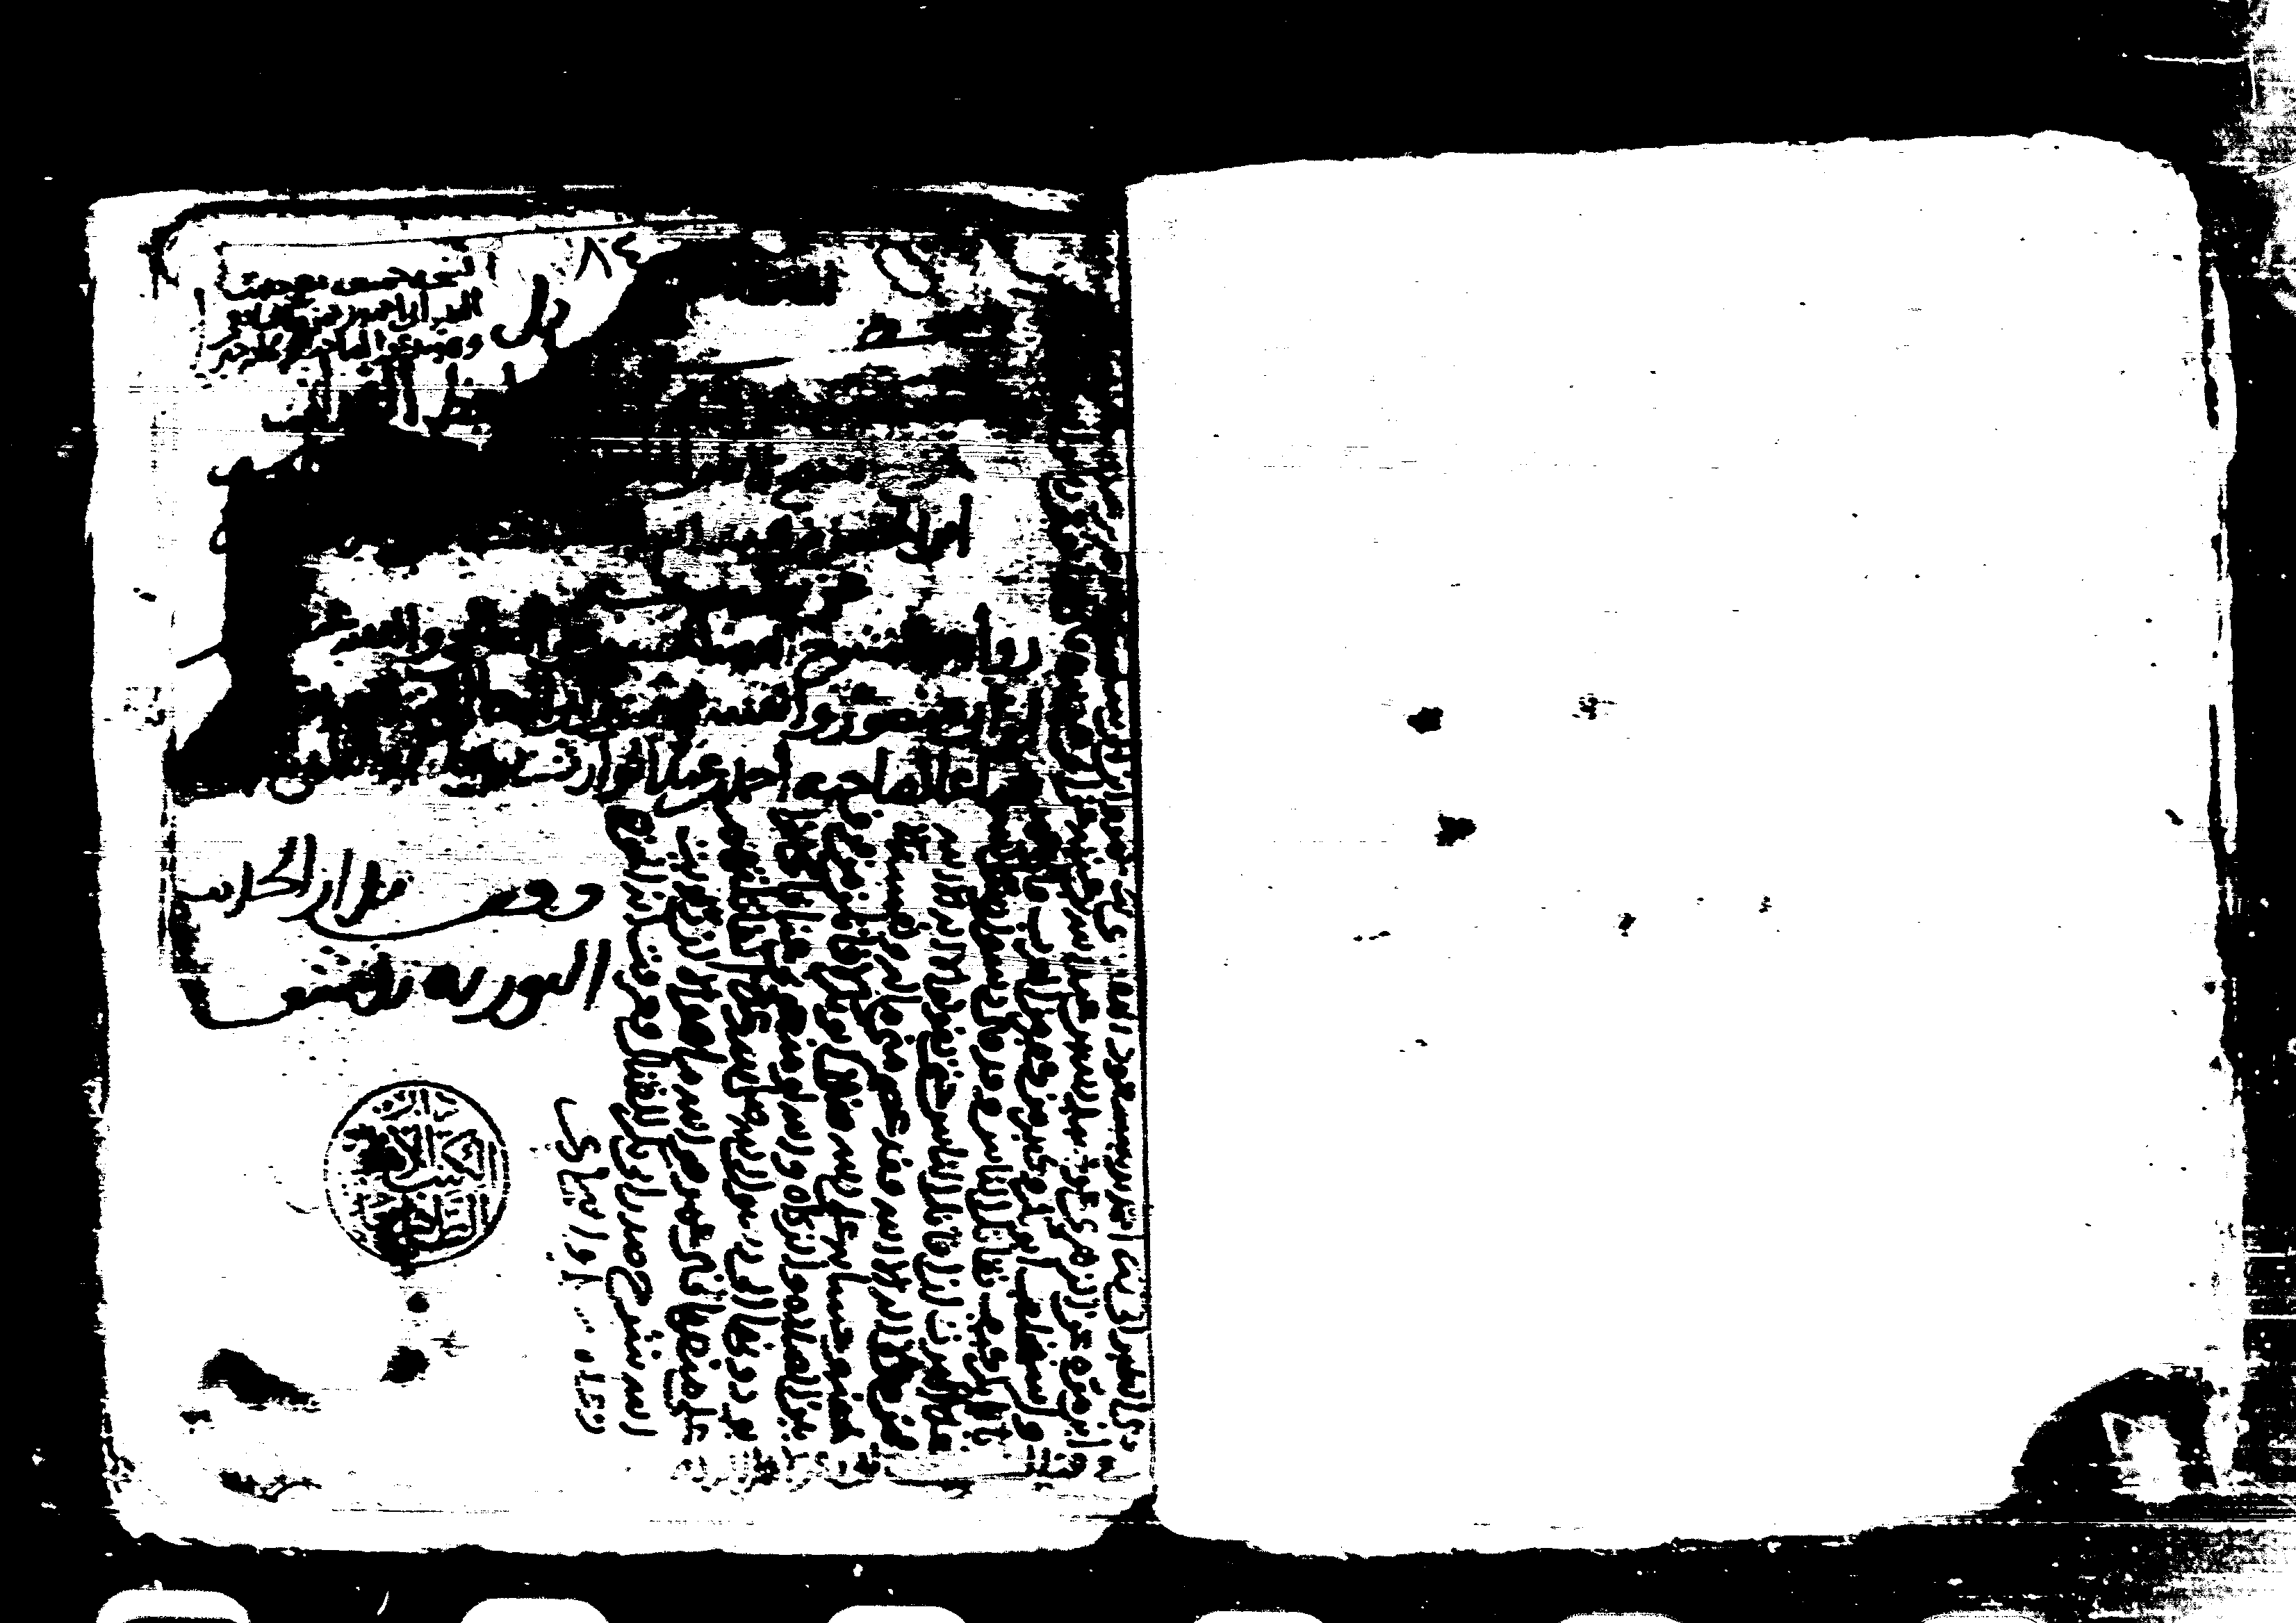 تحميل كتاب جزء فيه أخبار لحفظ القرآن لـِ: الإمام أبو القاسم ثقة الدين علي بن الحسن بن هبة الله، المعروف بابن عساكر (ت 571)